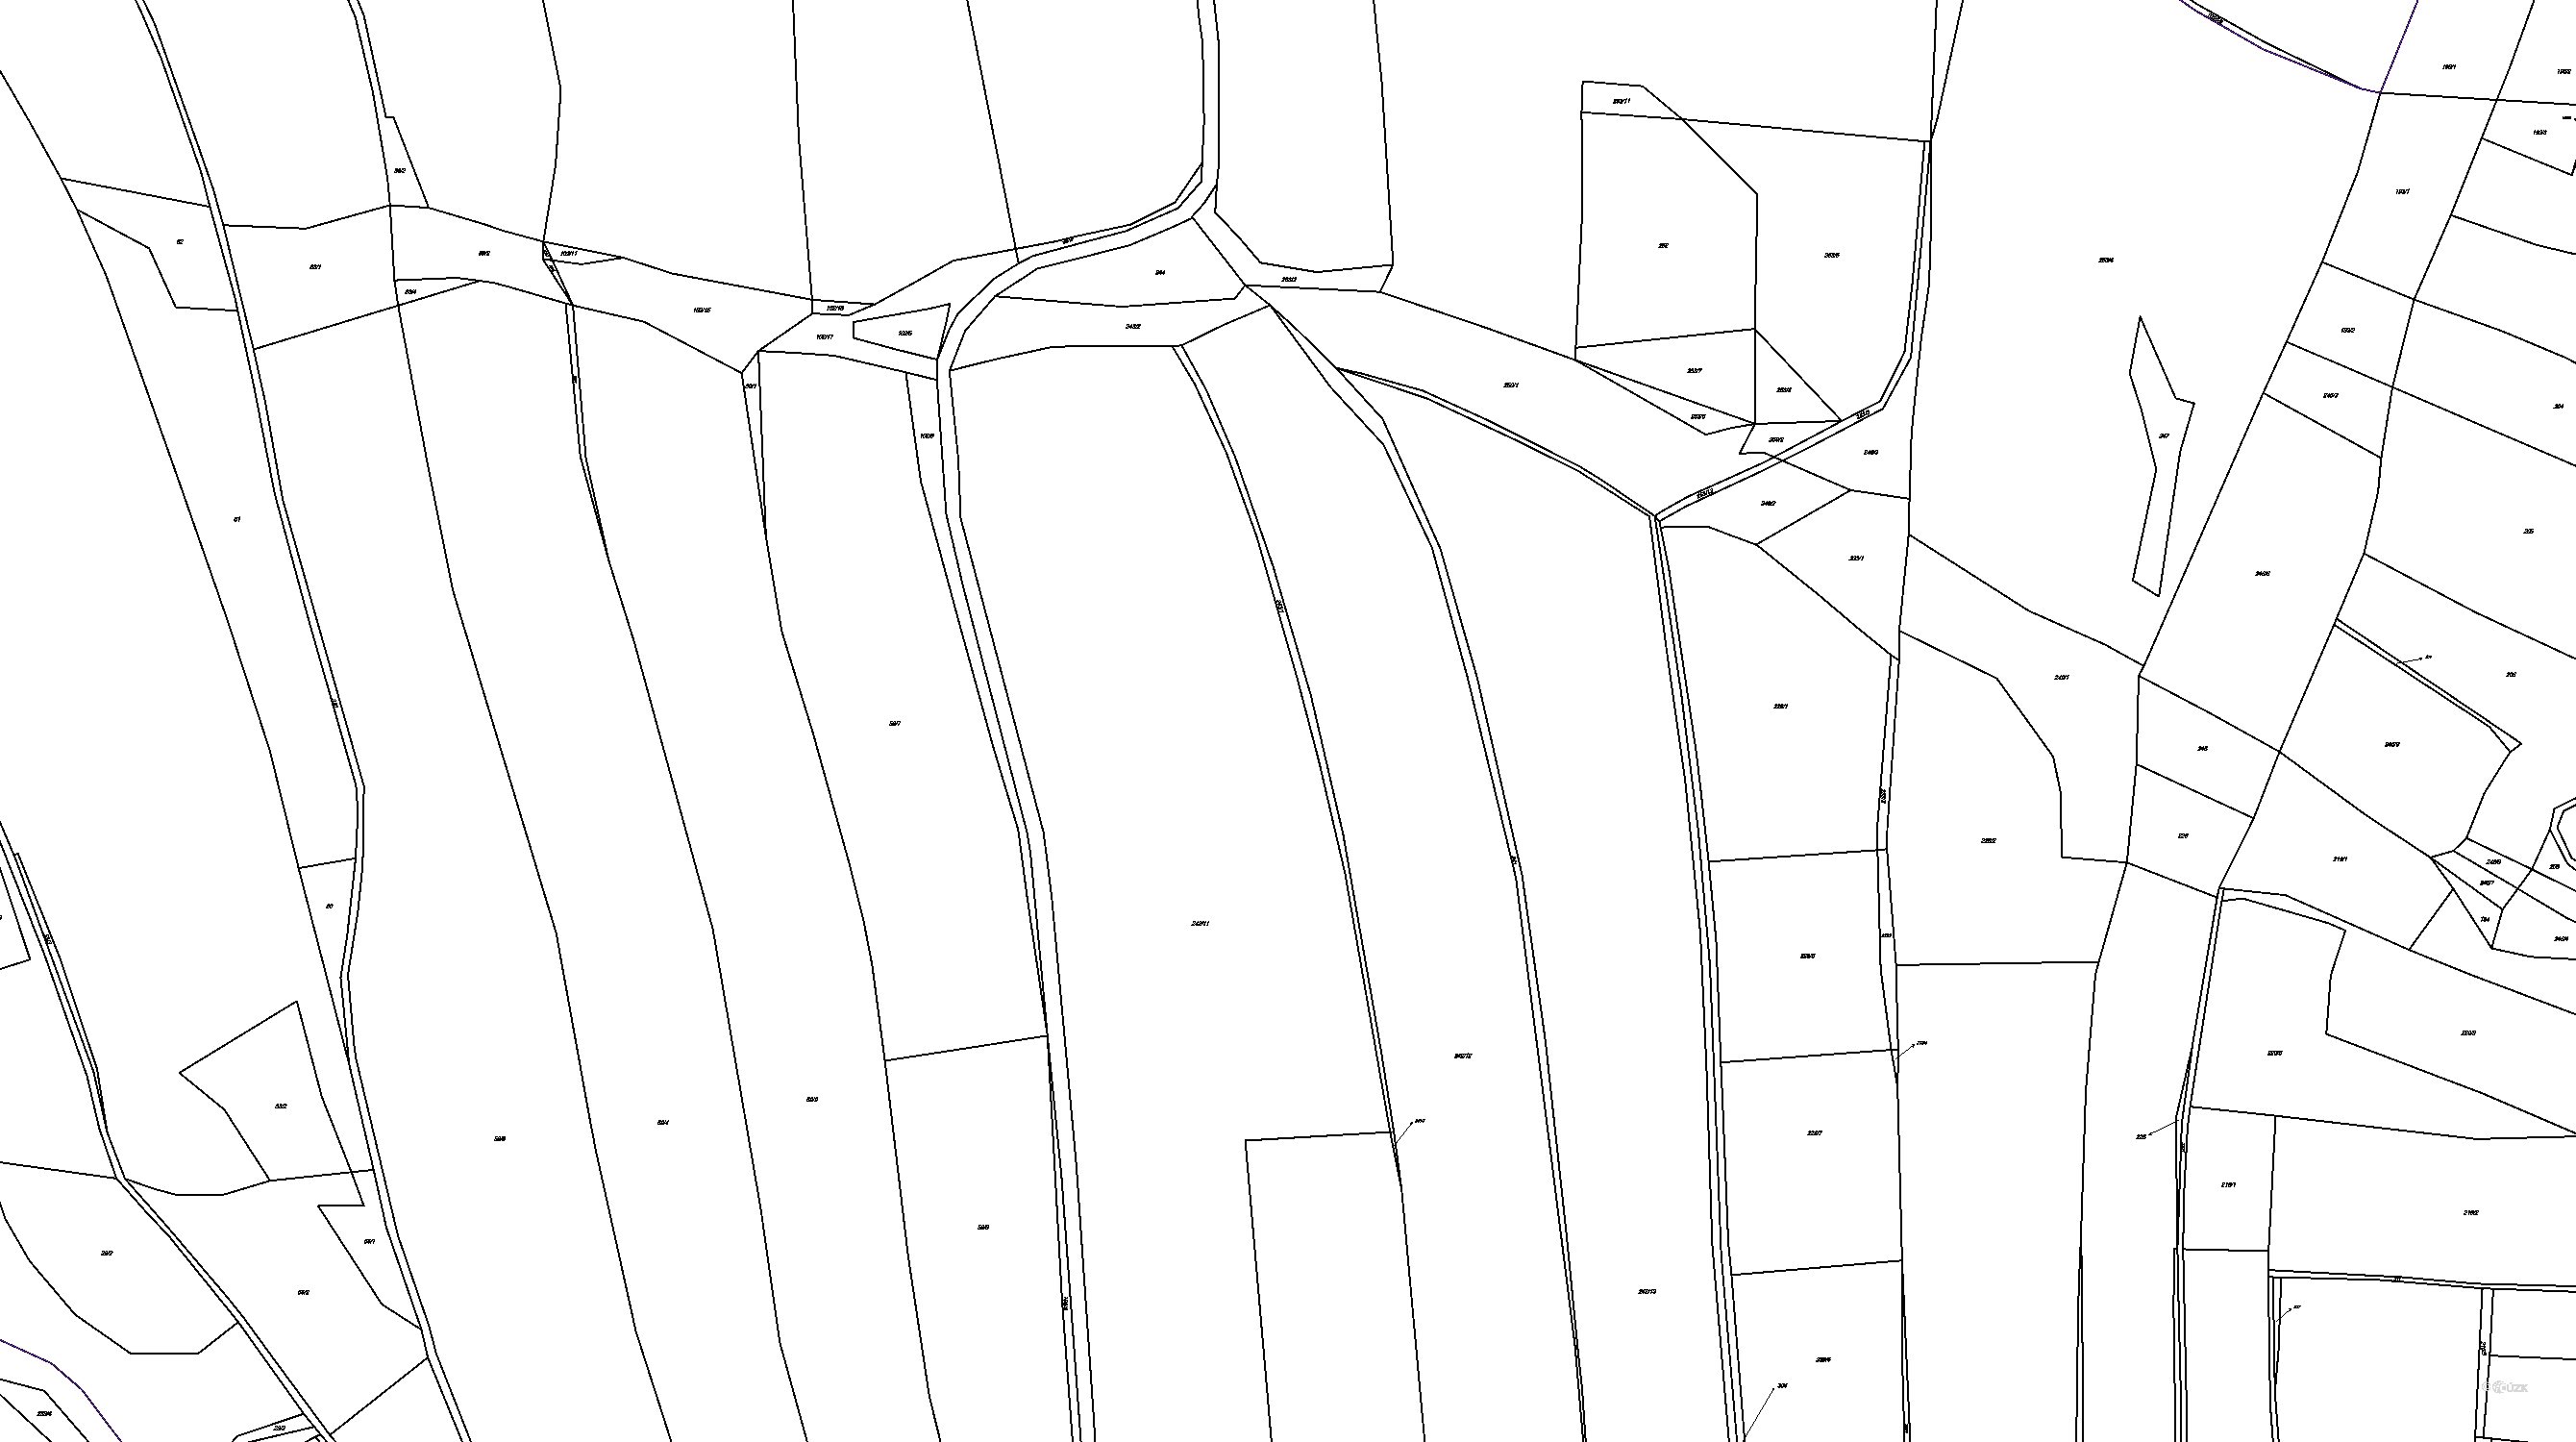 Katastrální mapa pozemků a čísla parcel Otín nad Jihlavou